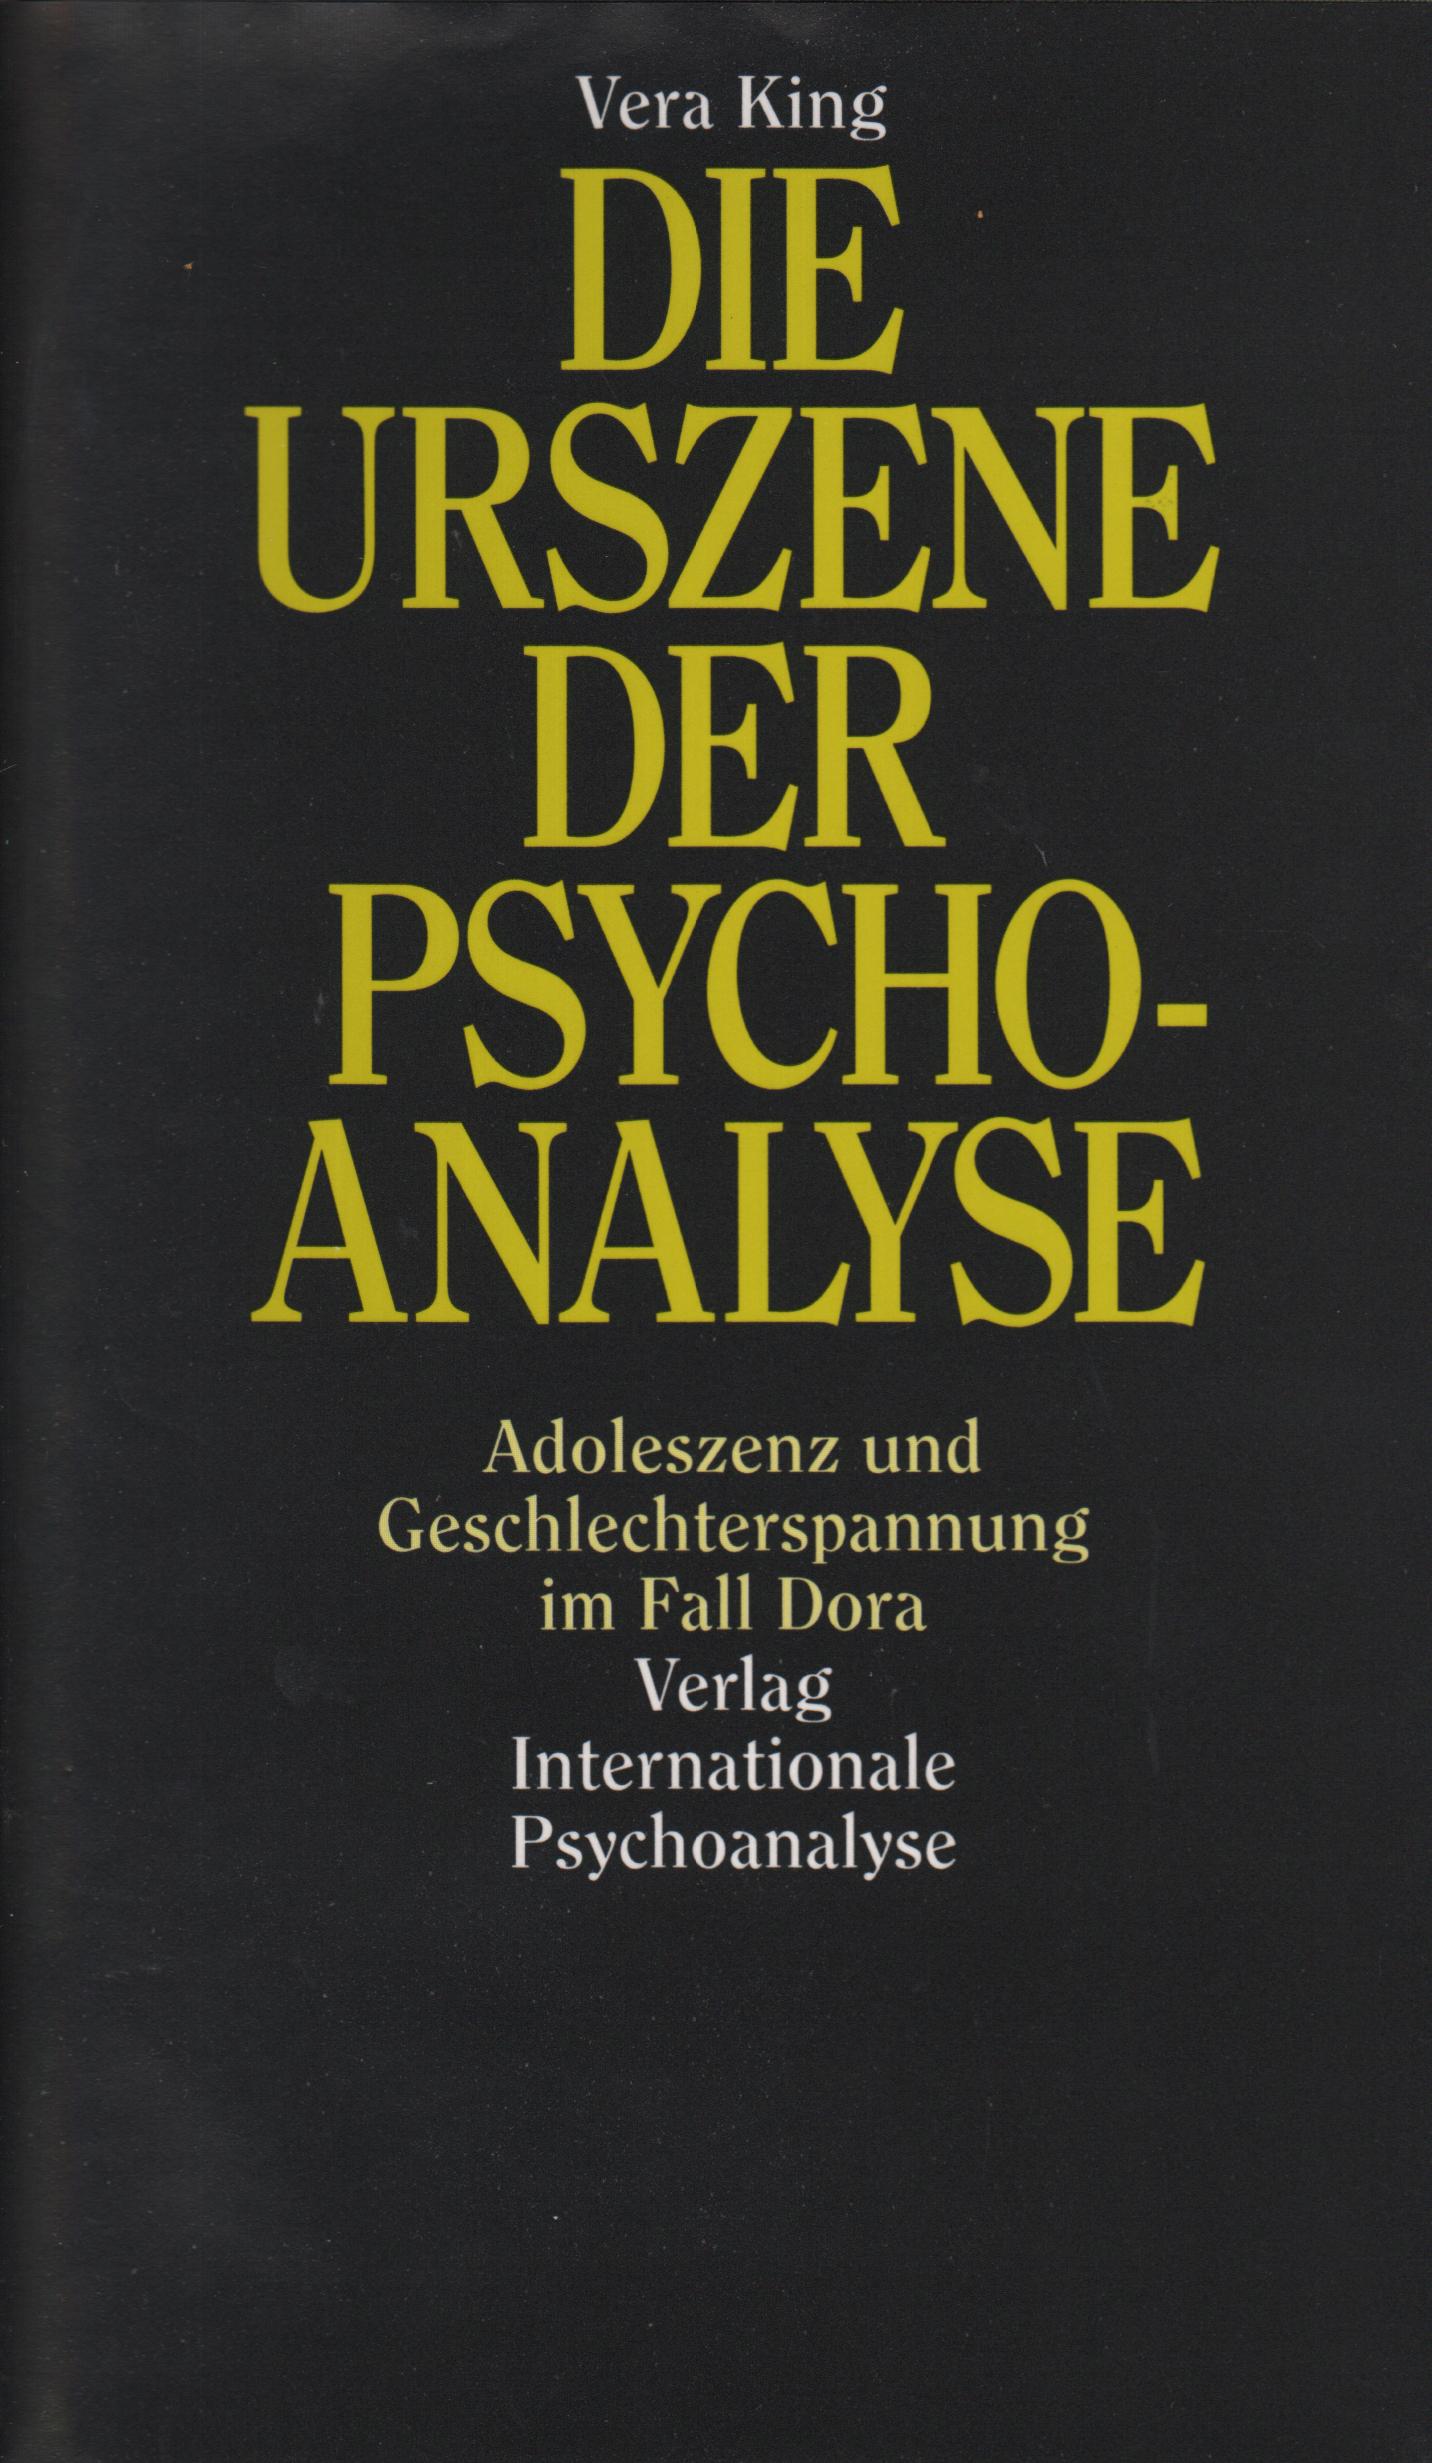 Die Urszene der Psychoanalyse